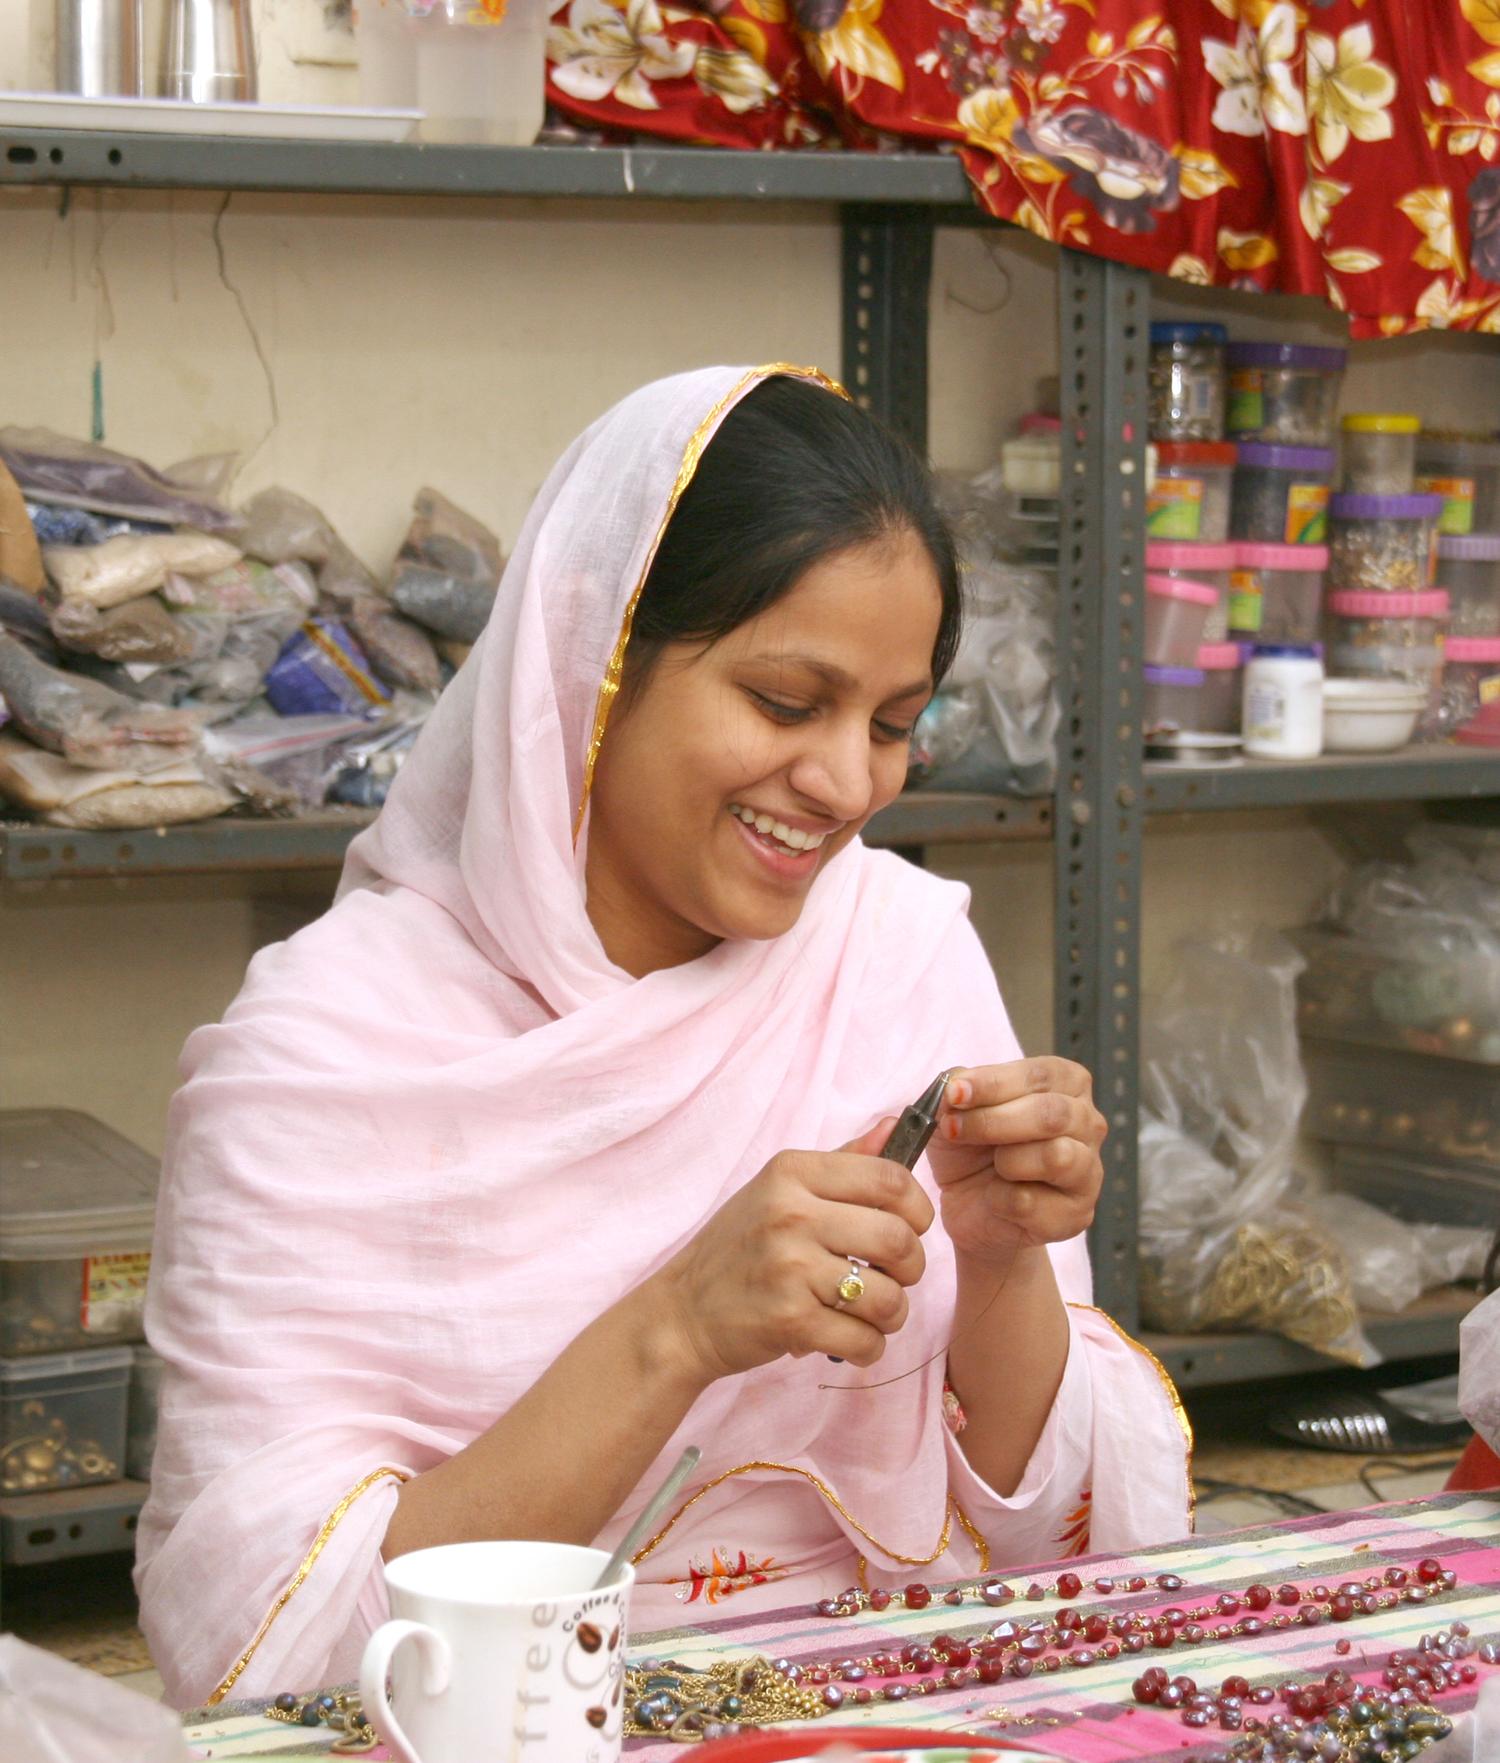 Asha Handicrafts tillverka smycken. Foto: El Puente Die Fair Trade Pioniere